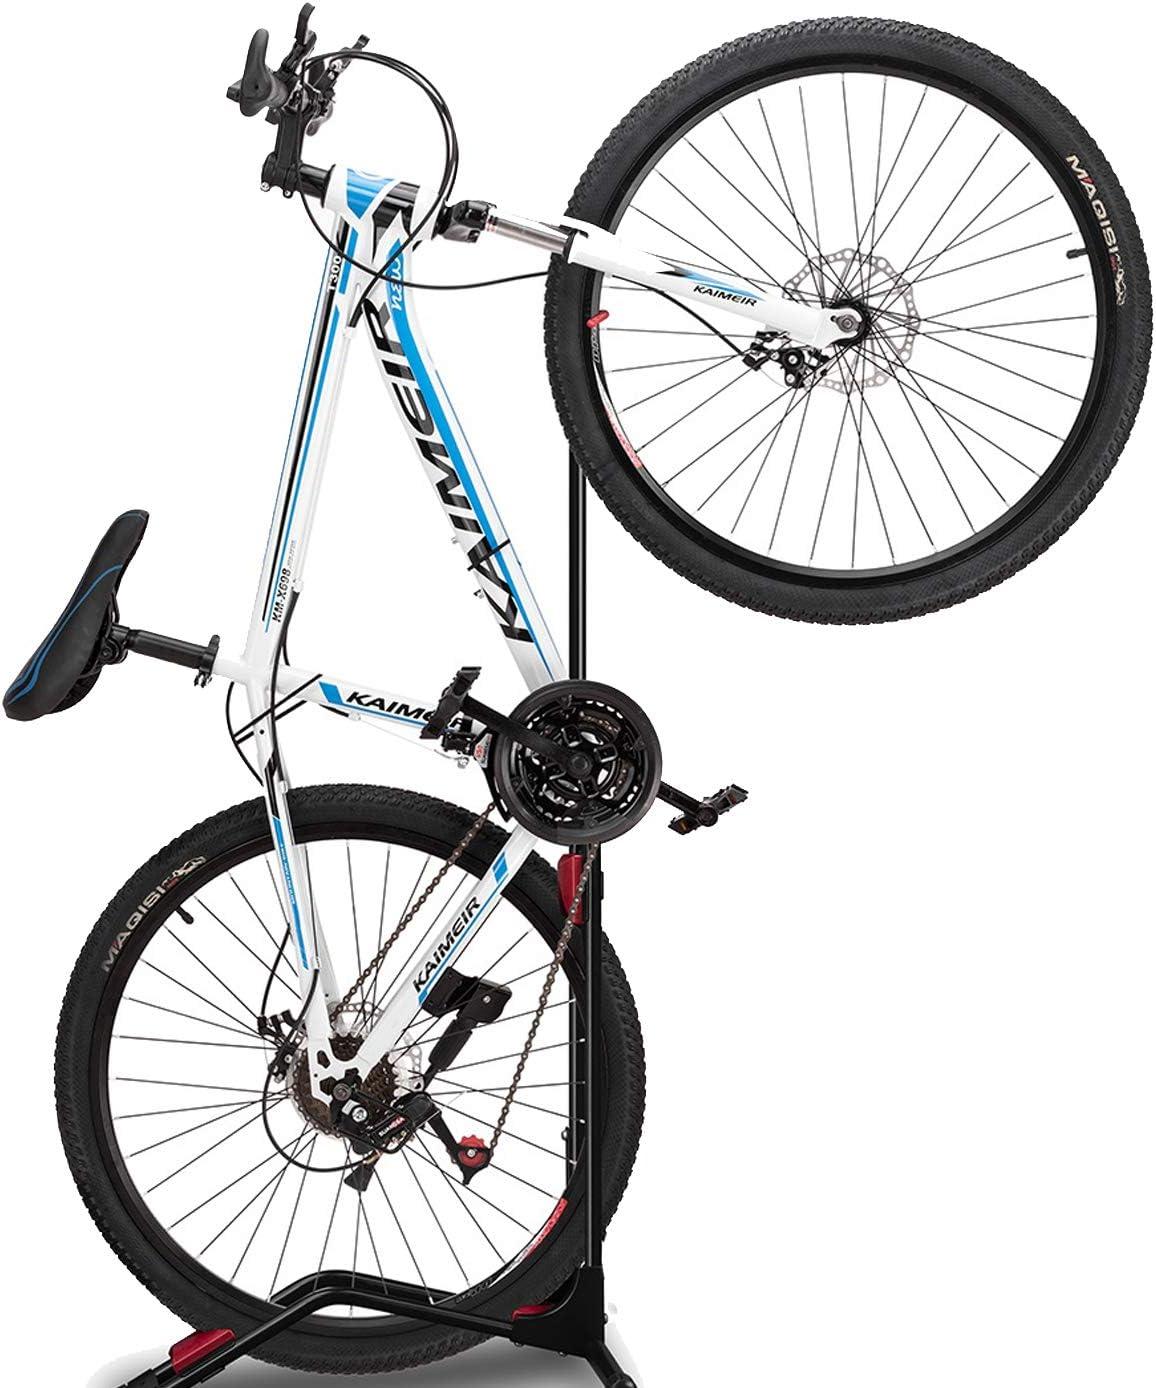 Indoor Bicycle Storage Mount(fit 20-27 Inch Bikes),Road Bike Storage ZUKVYE Bike Rack Floor Stand Space Saving